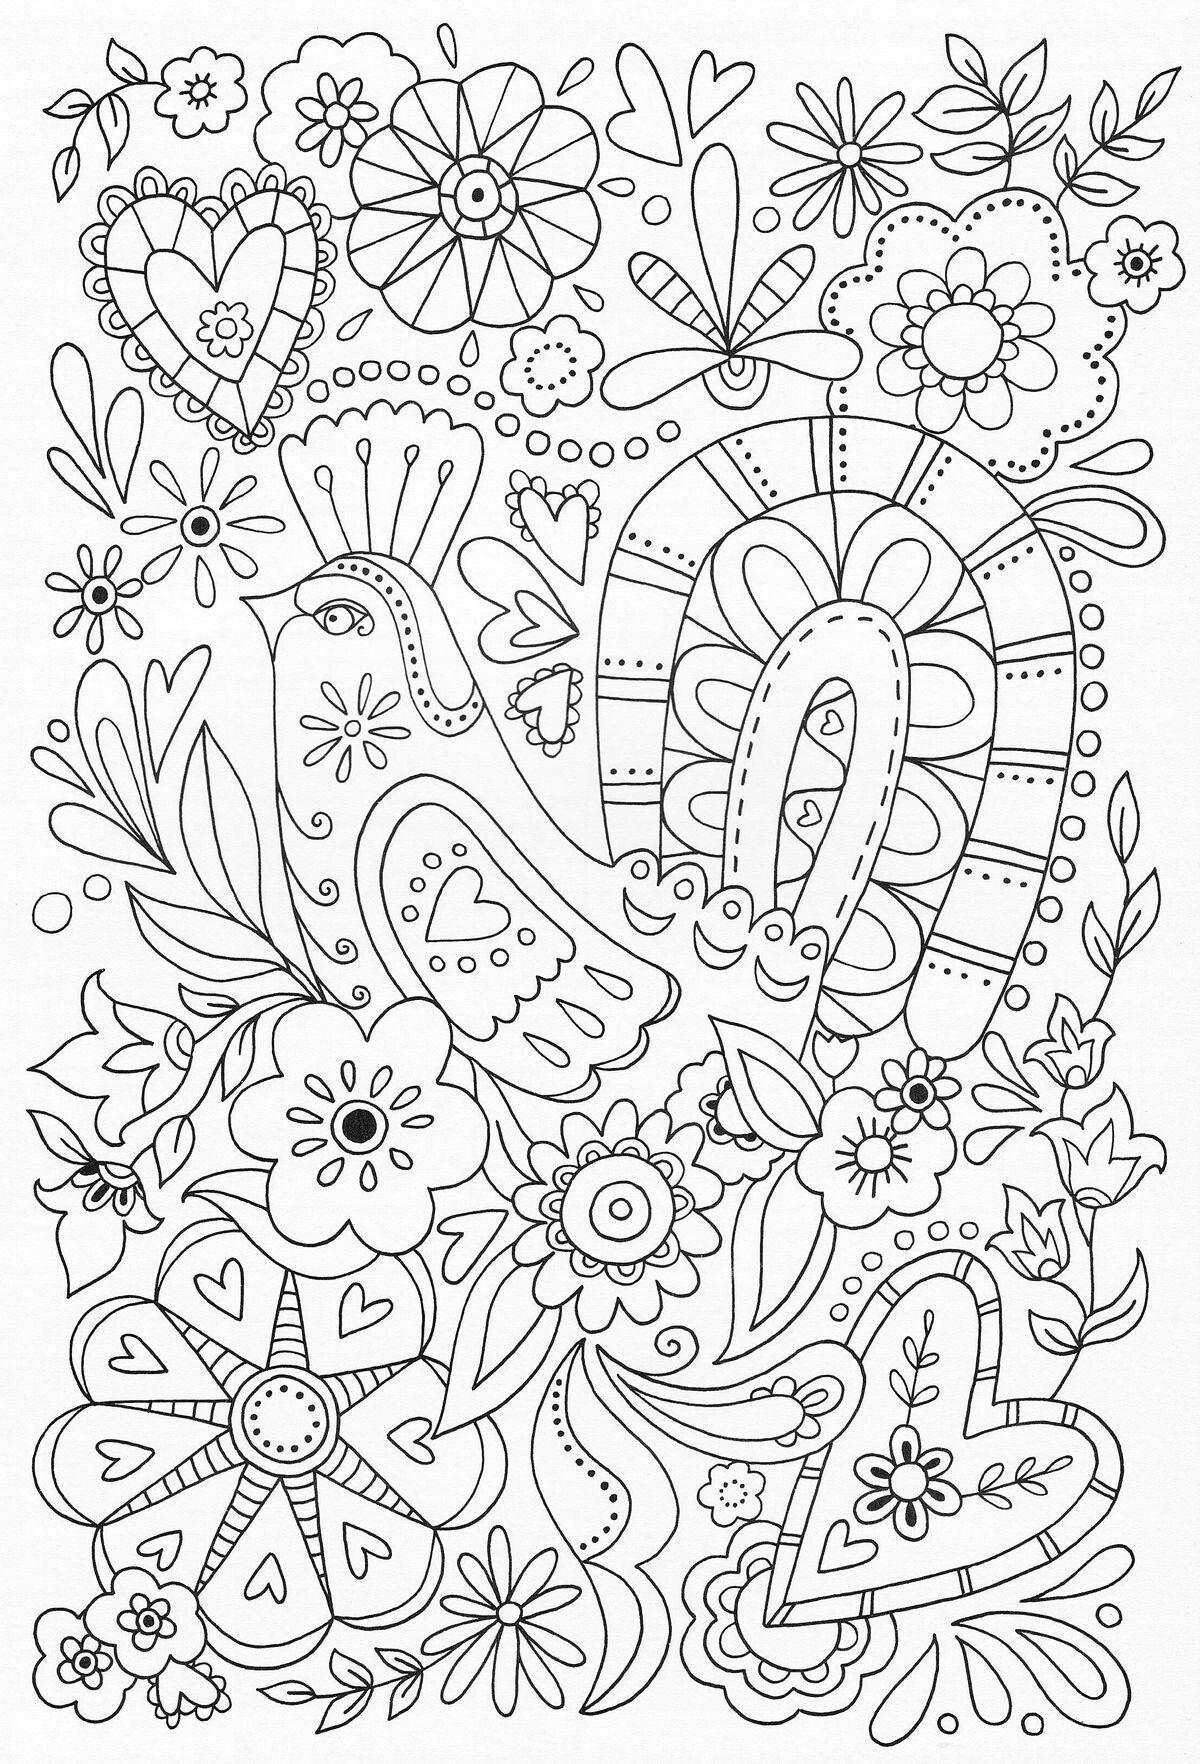 Mandala adults coloring | Patrones | Pinterest | Mandalas, Colorear ...